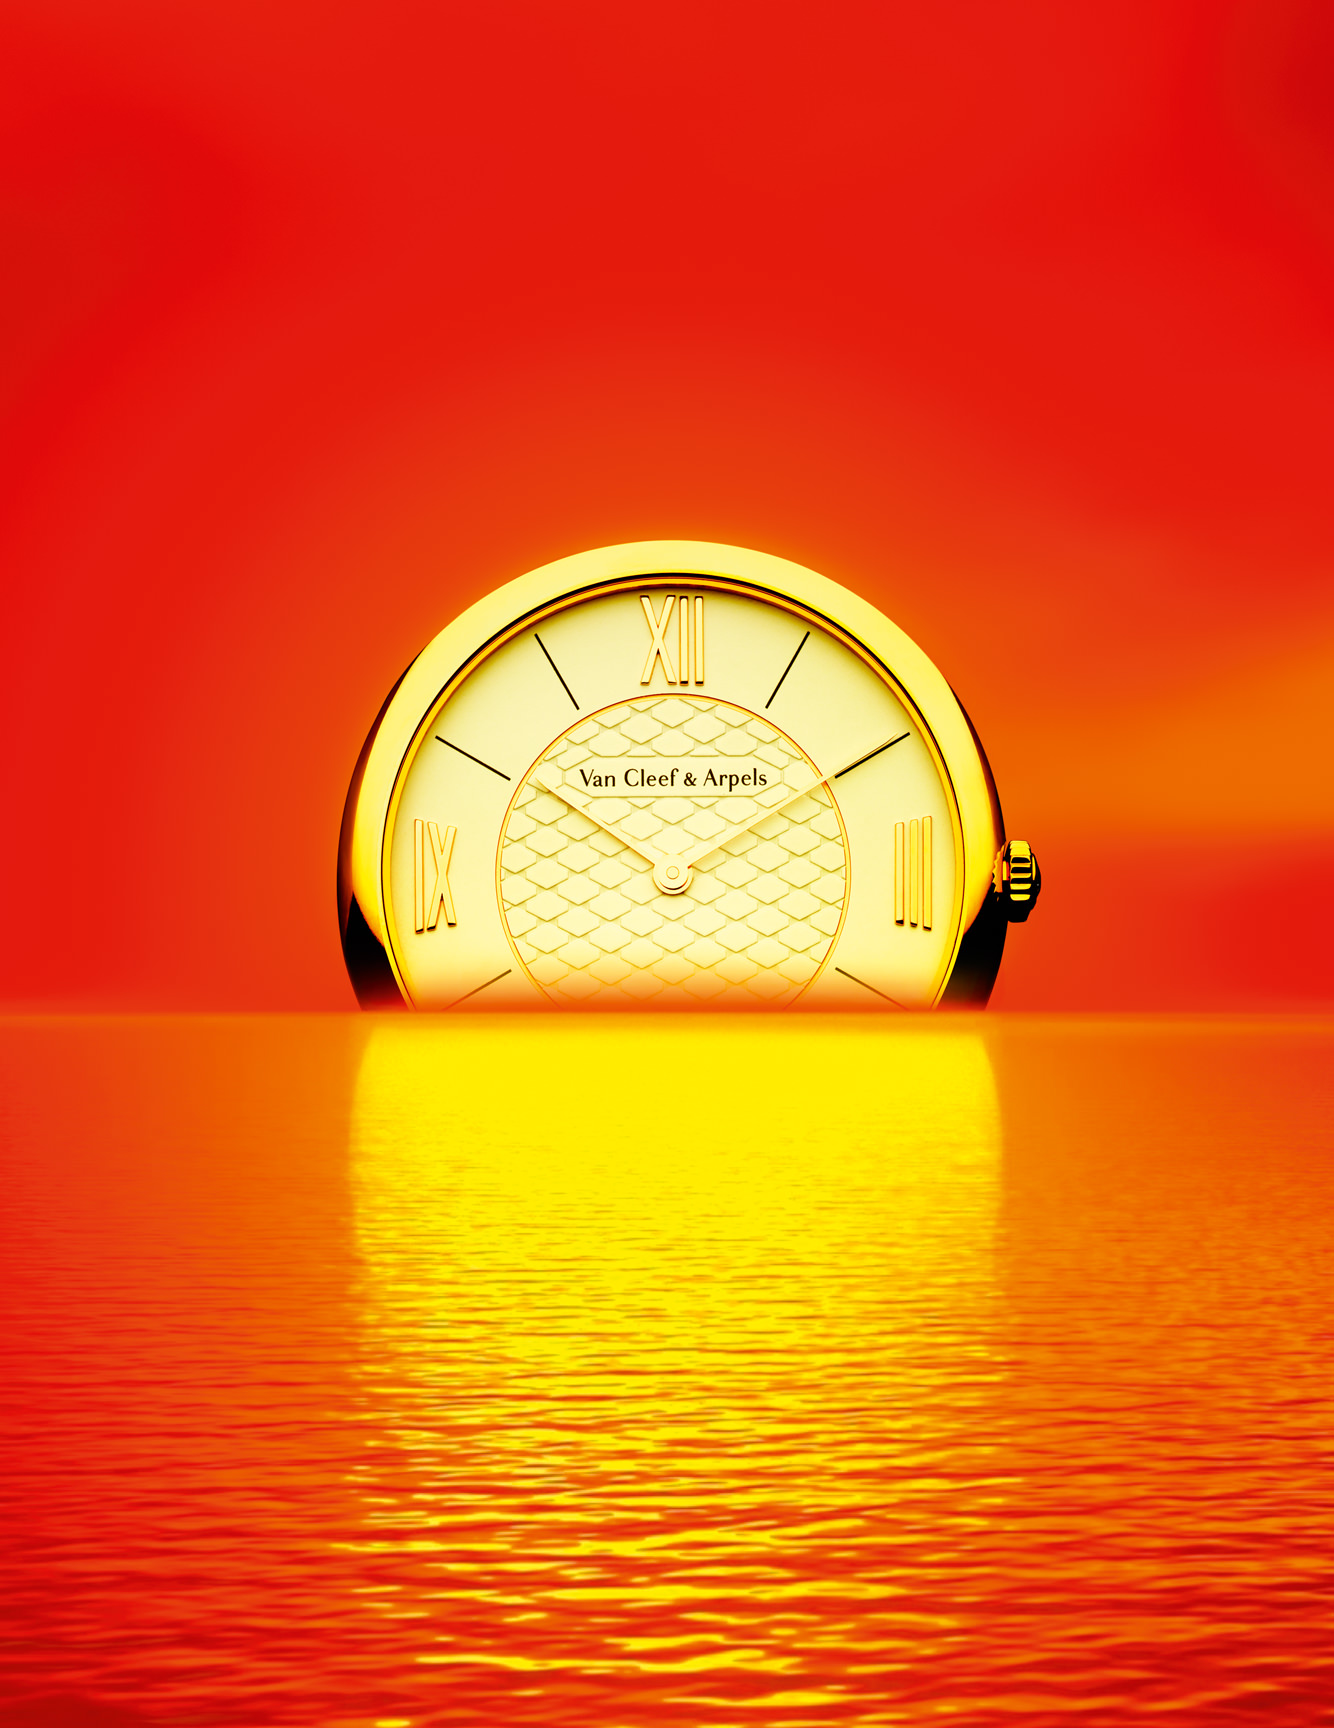 """Montre """"Pierre Arpels"""" en or rose et diamant, VAN CLEEF & ARPELS.  Réalisation : Spela Lenarcic/IIIRD Man. Traitement de l'image : Sofia Albaric."""